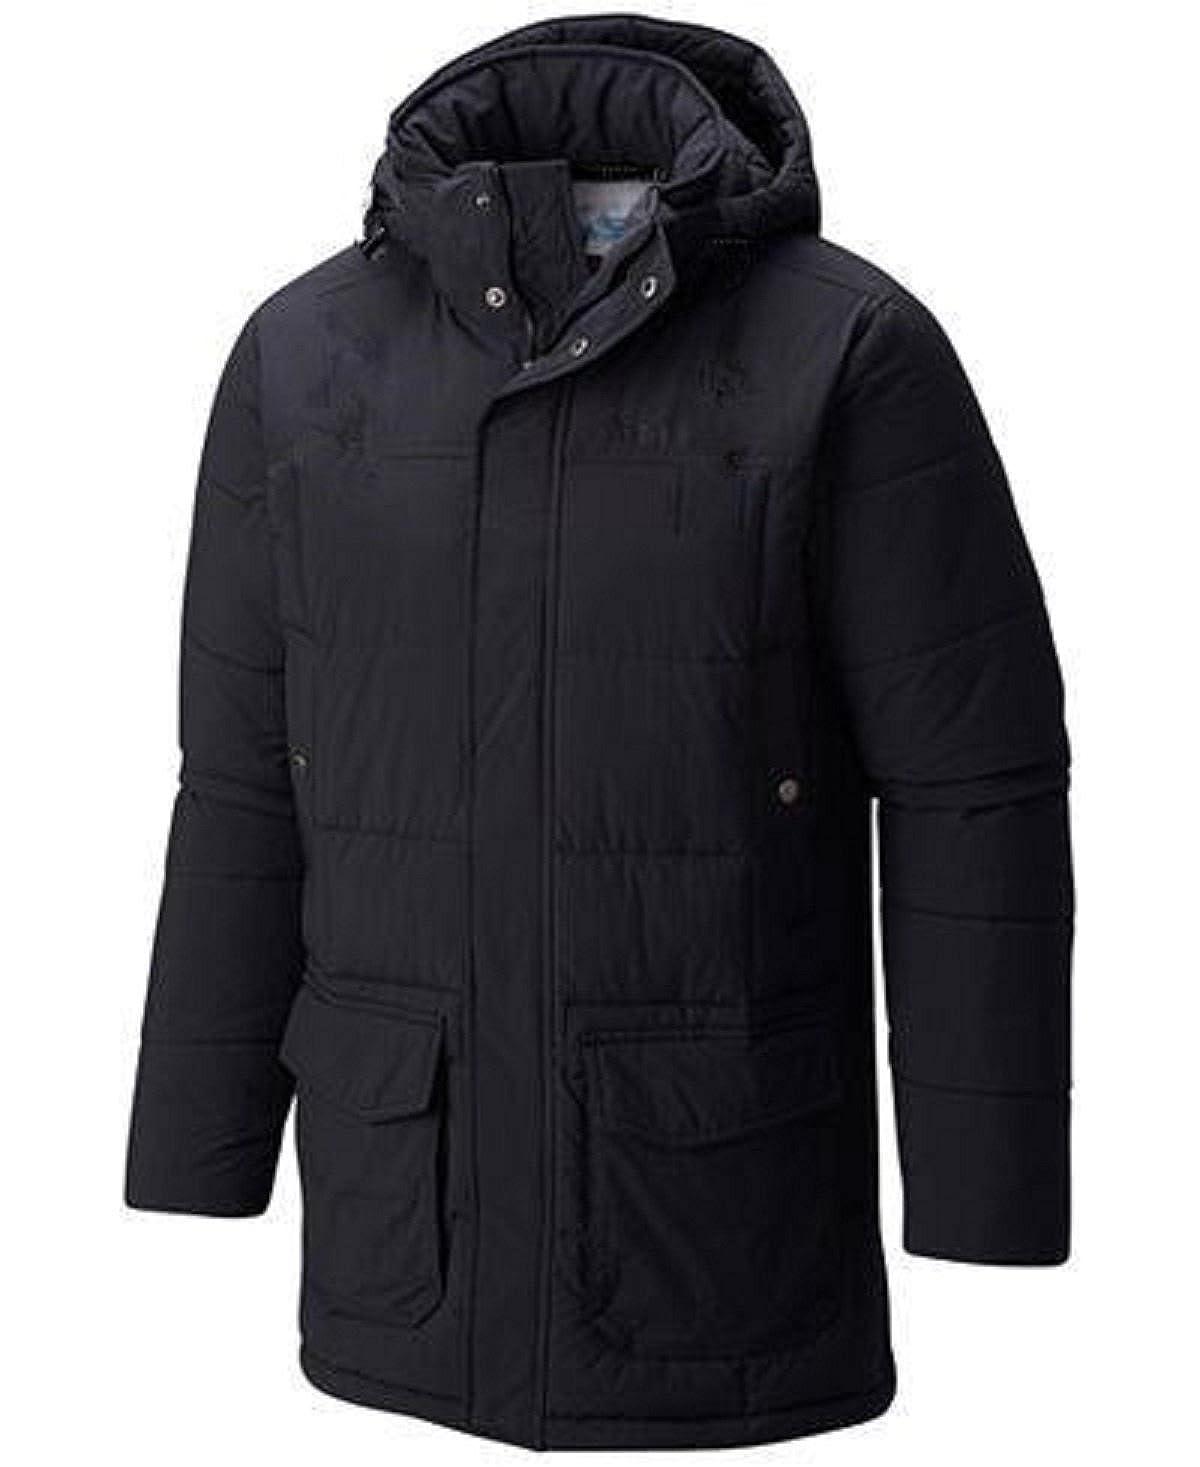 Lion Force Men's Parka Jacket w/Removable Hood | Ultra-Warm Winter Coat w/Fleece Lining All Sizes 2020M-$M